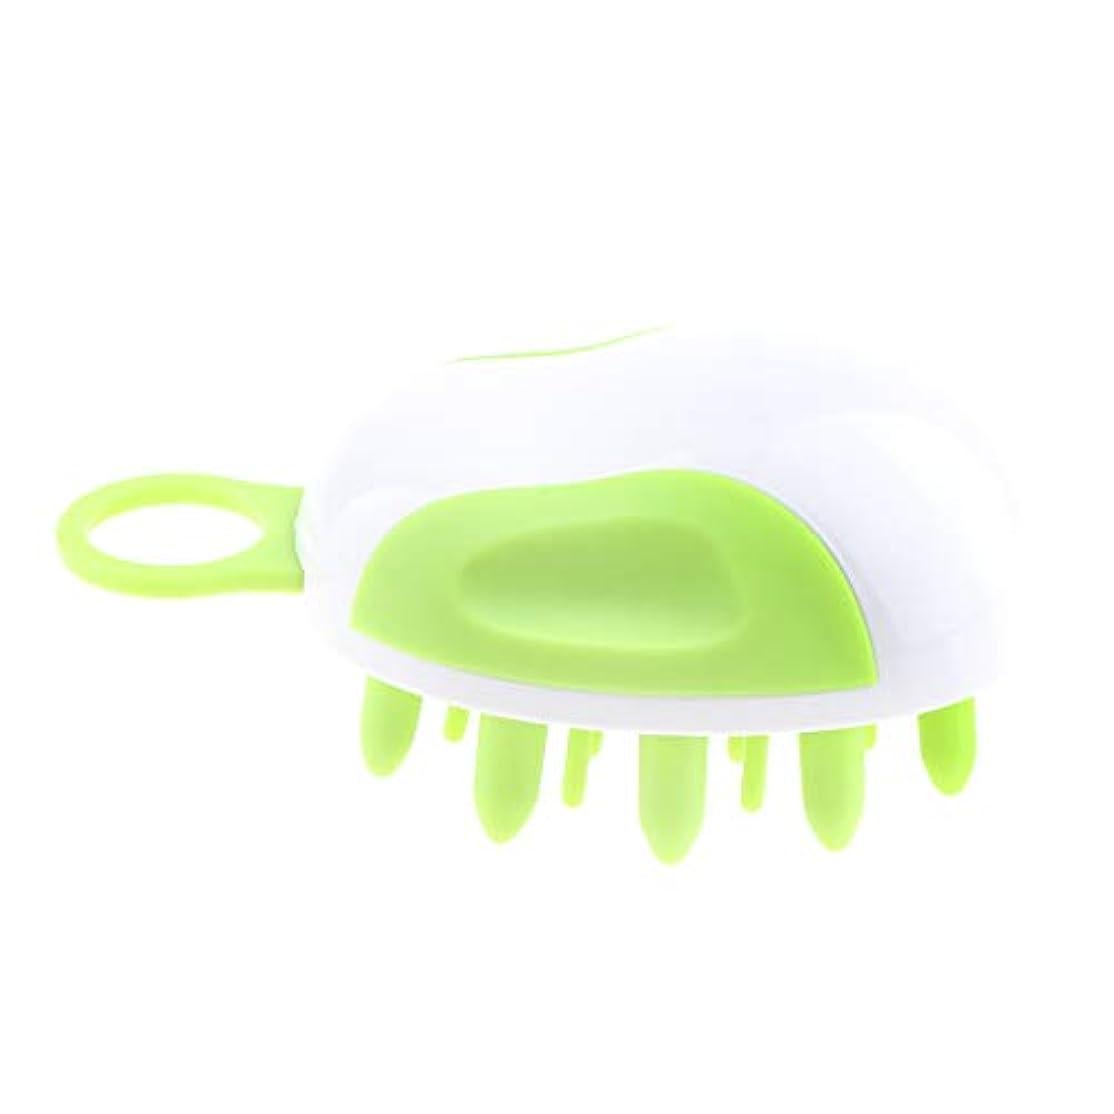 アメリカ予約滴下Sharplace シャンプーブラシ 角質除去 ヘアダイコーム ヘアブラシ 頭皮マッサージャー ヘアカラーリング用品 全2カラー - 緑